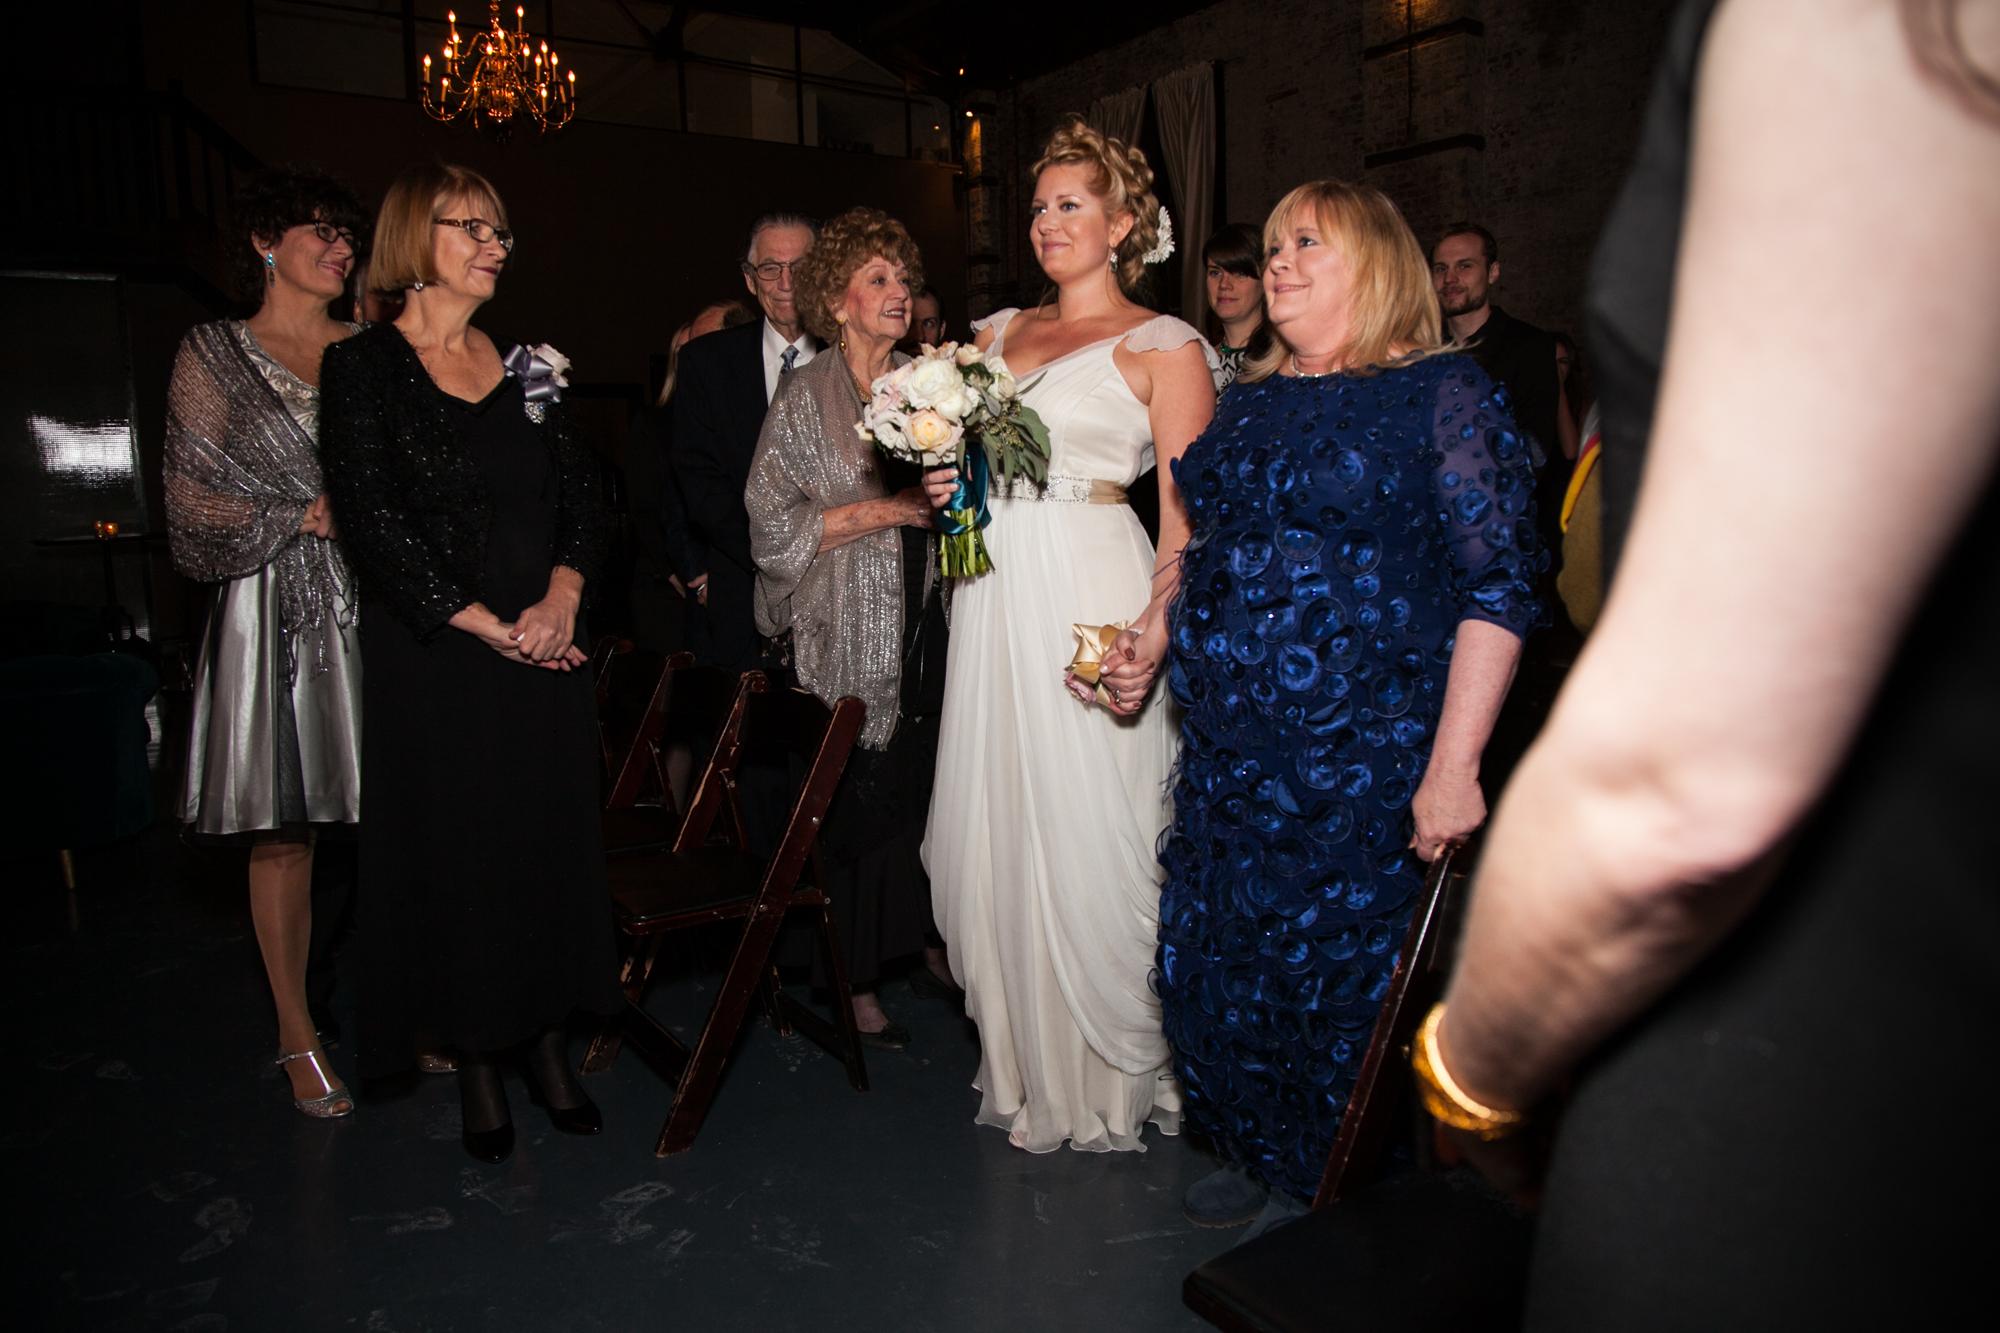 HeatherPhelpsLipton-Modern-WeddingPhotography-GreenBuilding-winter-prospectpark-24.jpg